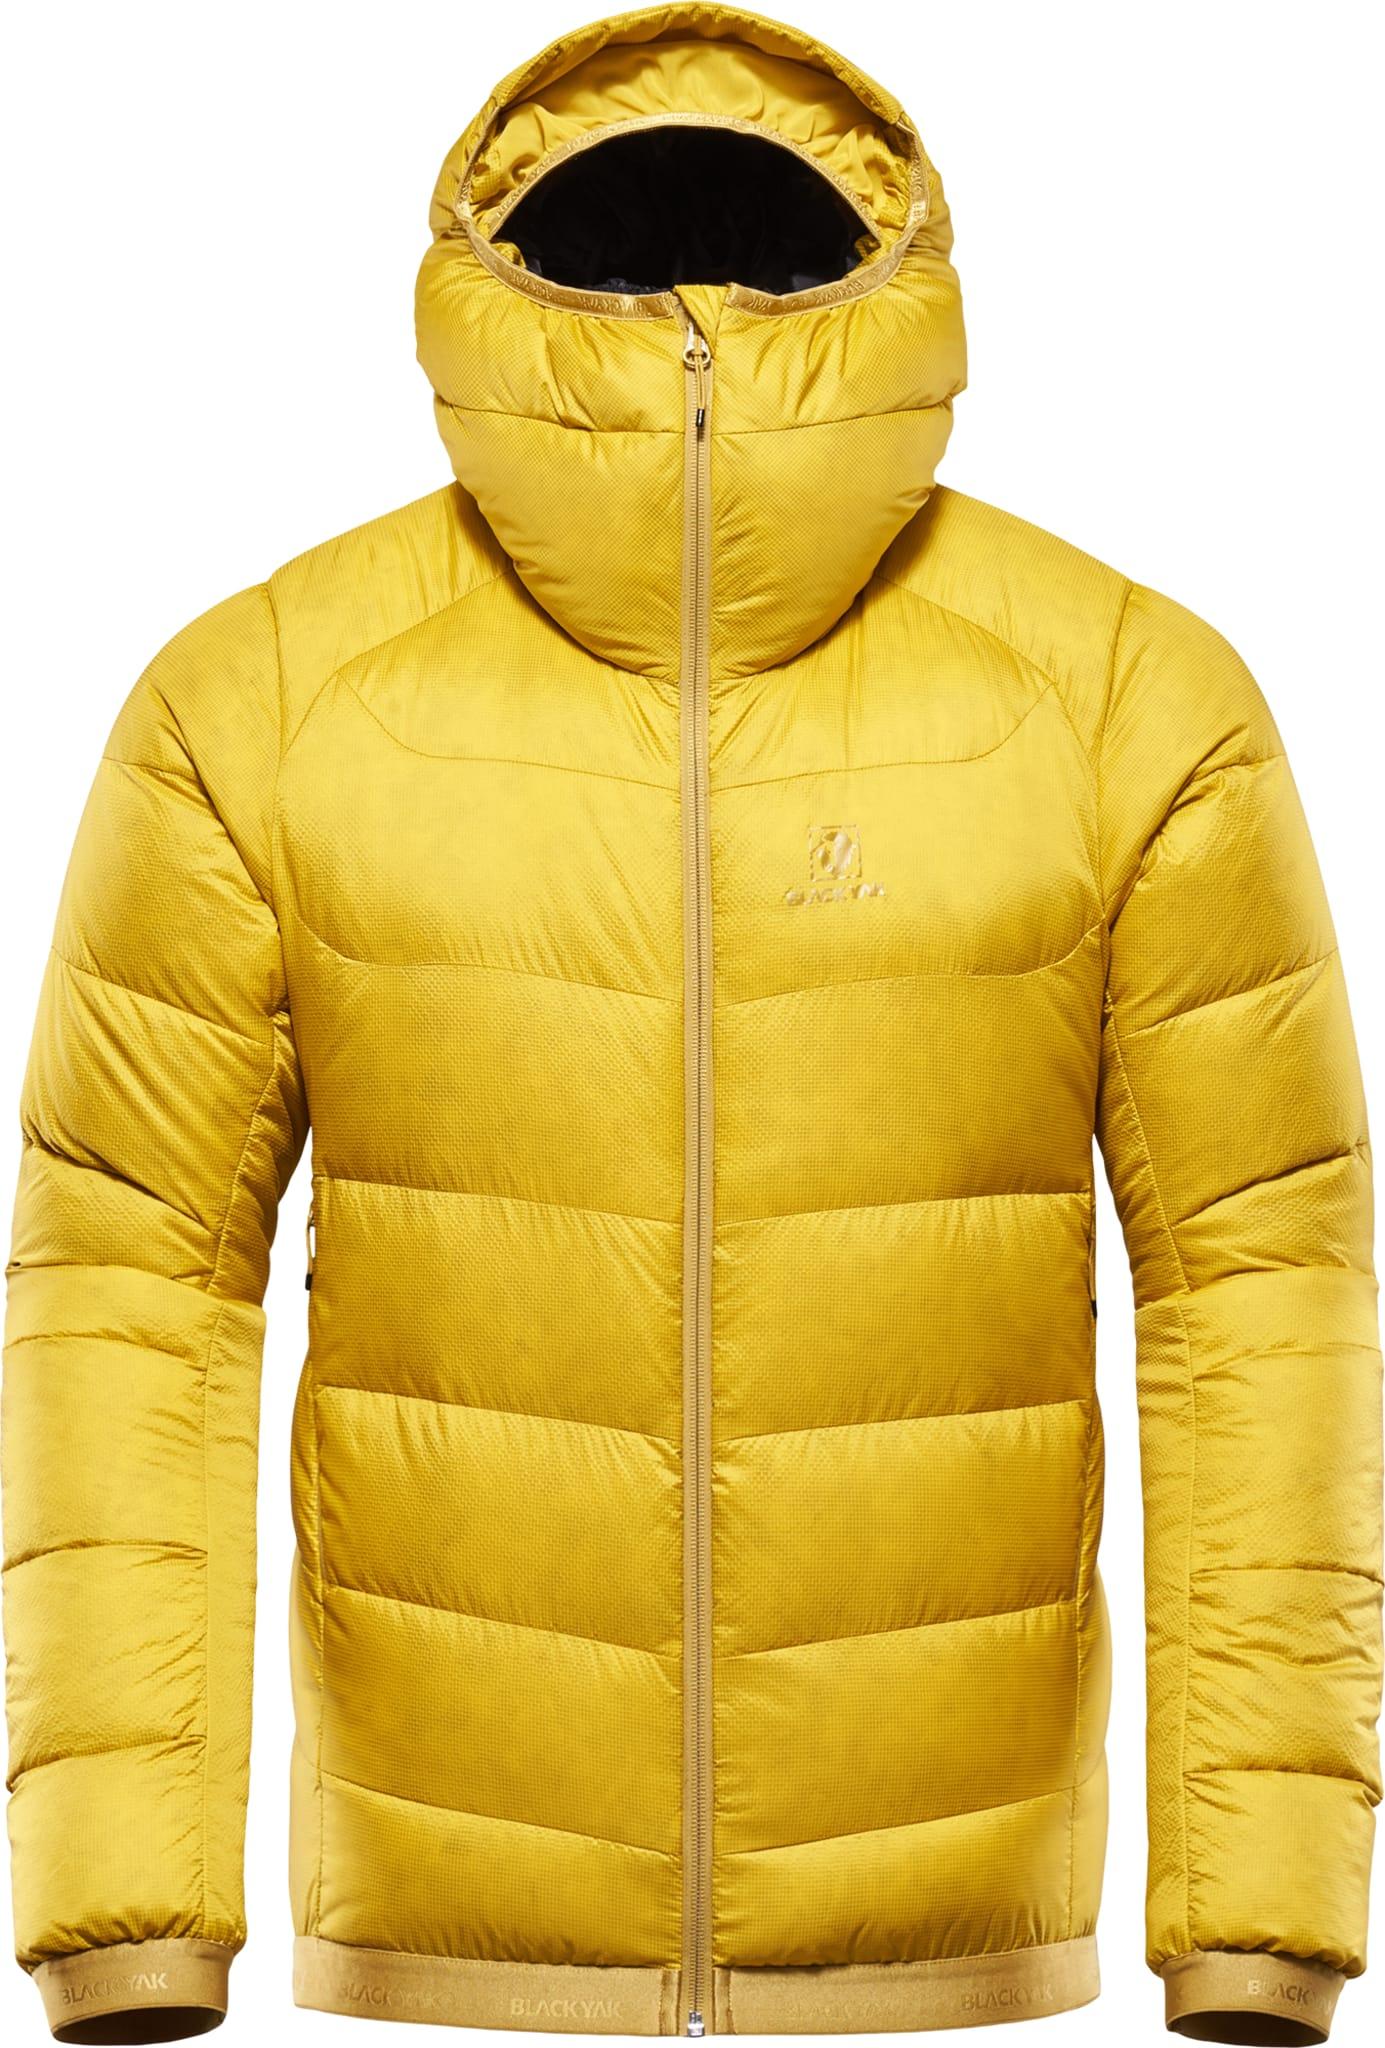 Niata Jacket Ms